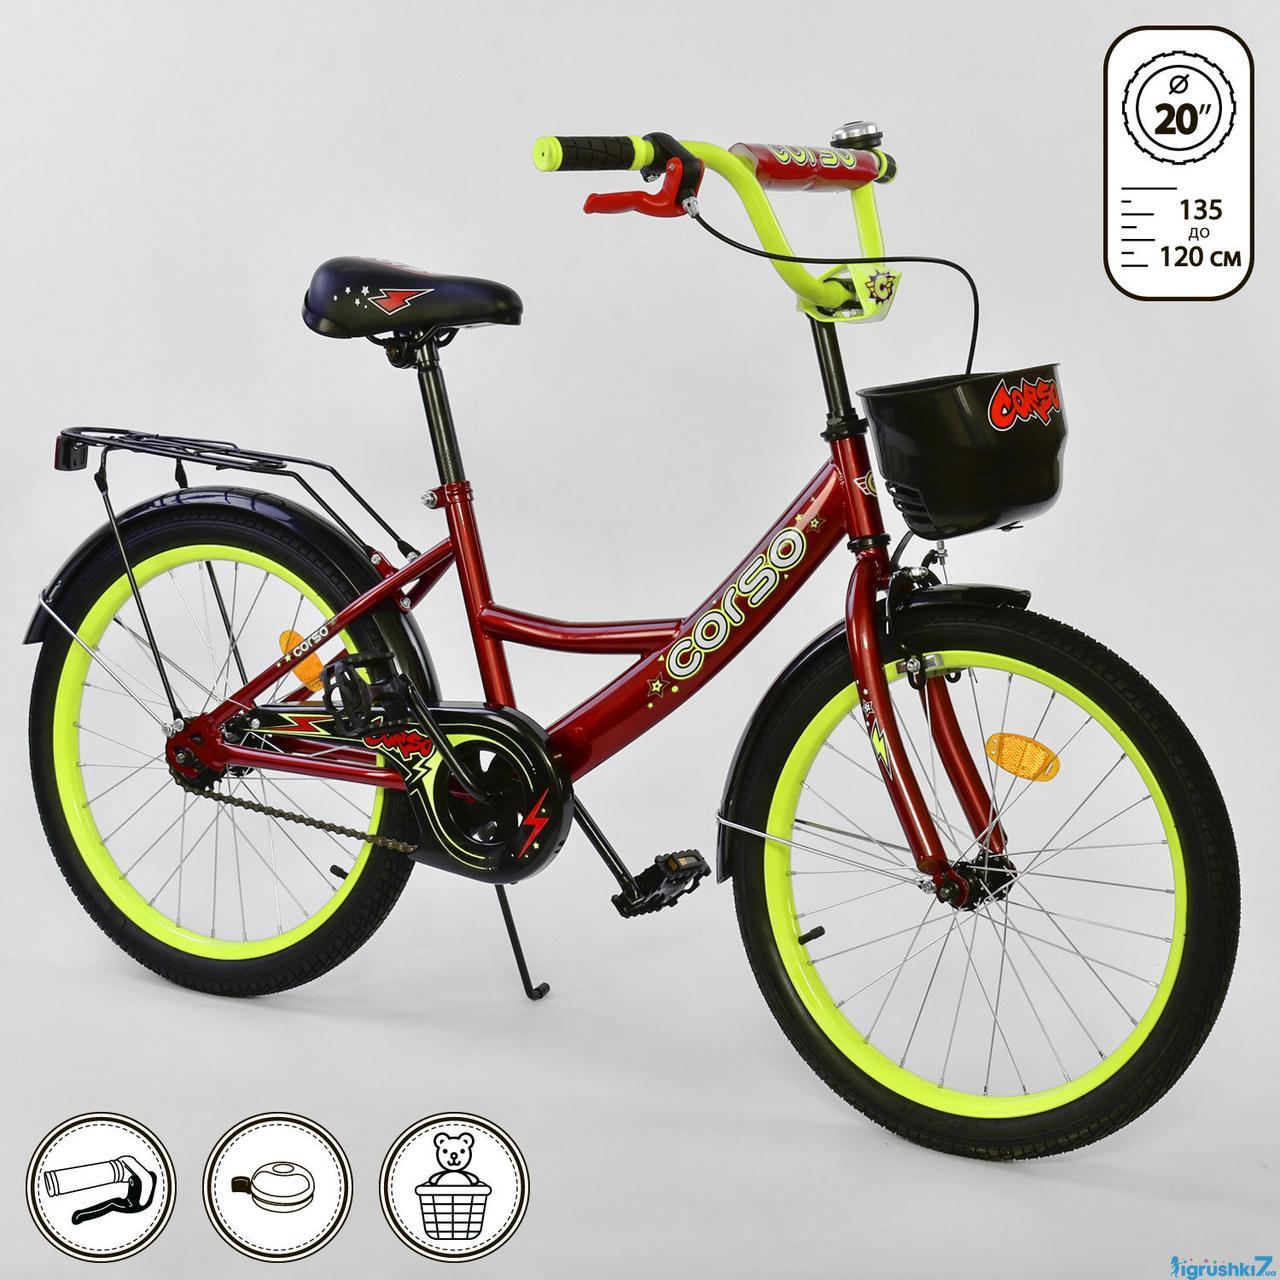 Двухколесный детский велосипед 20 дюймов CORSO G-20382 красный с корзинкой